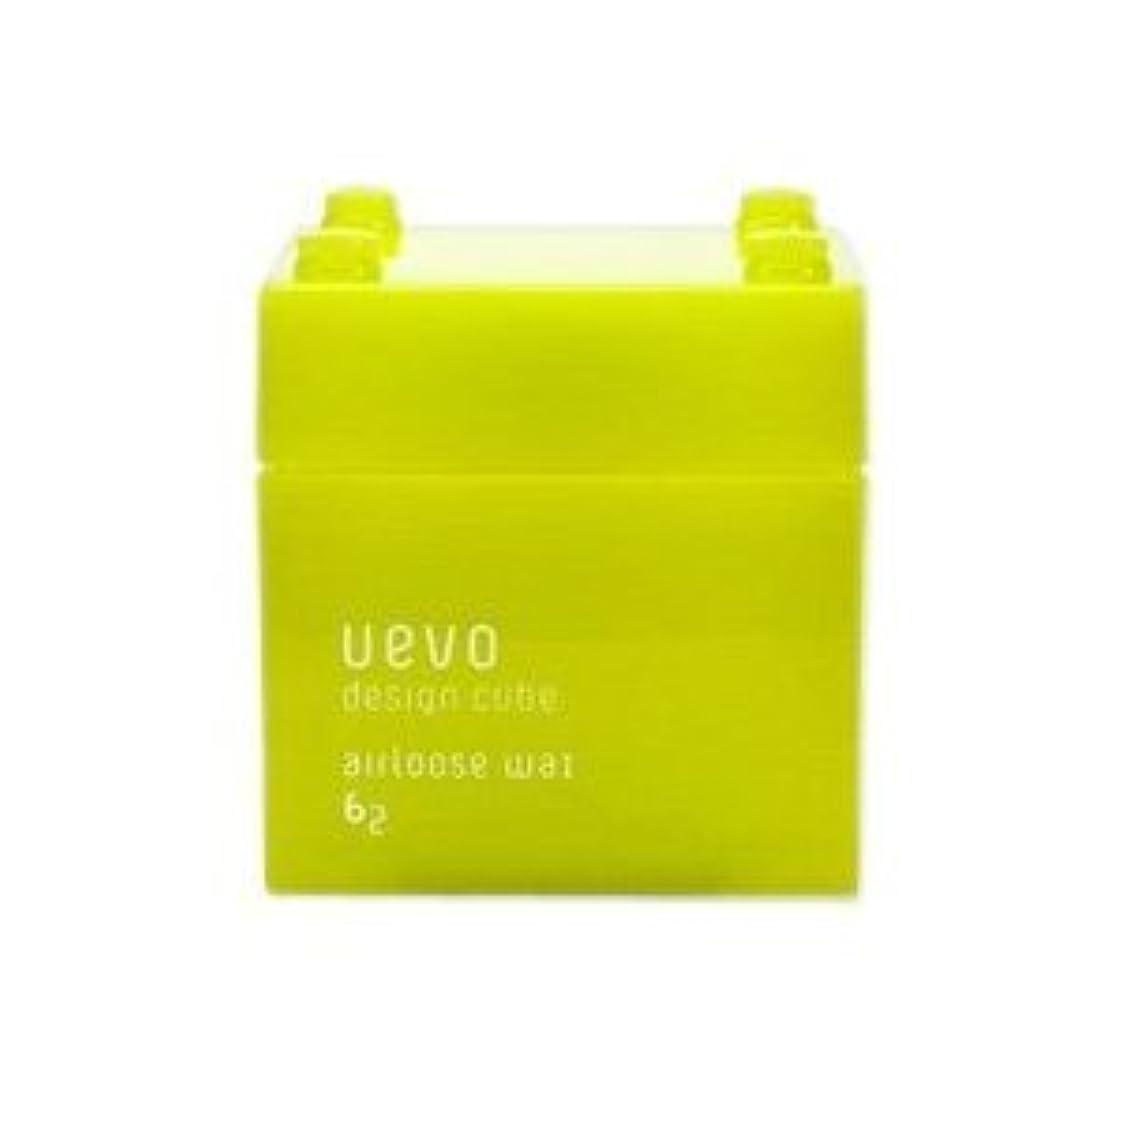 リー頼む戸口【X2個セット】 デミ ウェーボ デザインキューブ エアルーズワックス 80g airloose wax DEMI uevo design cube